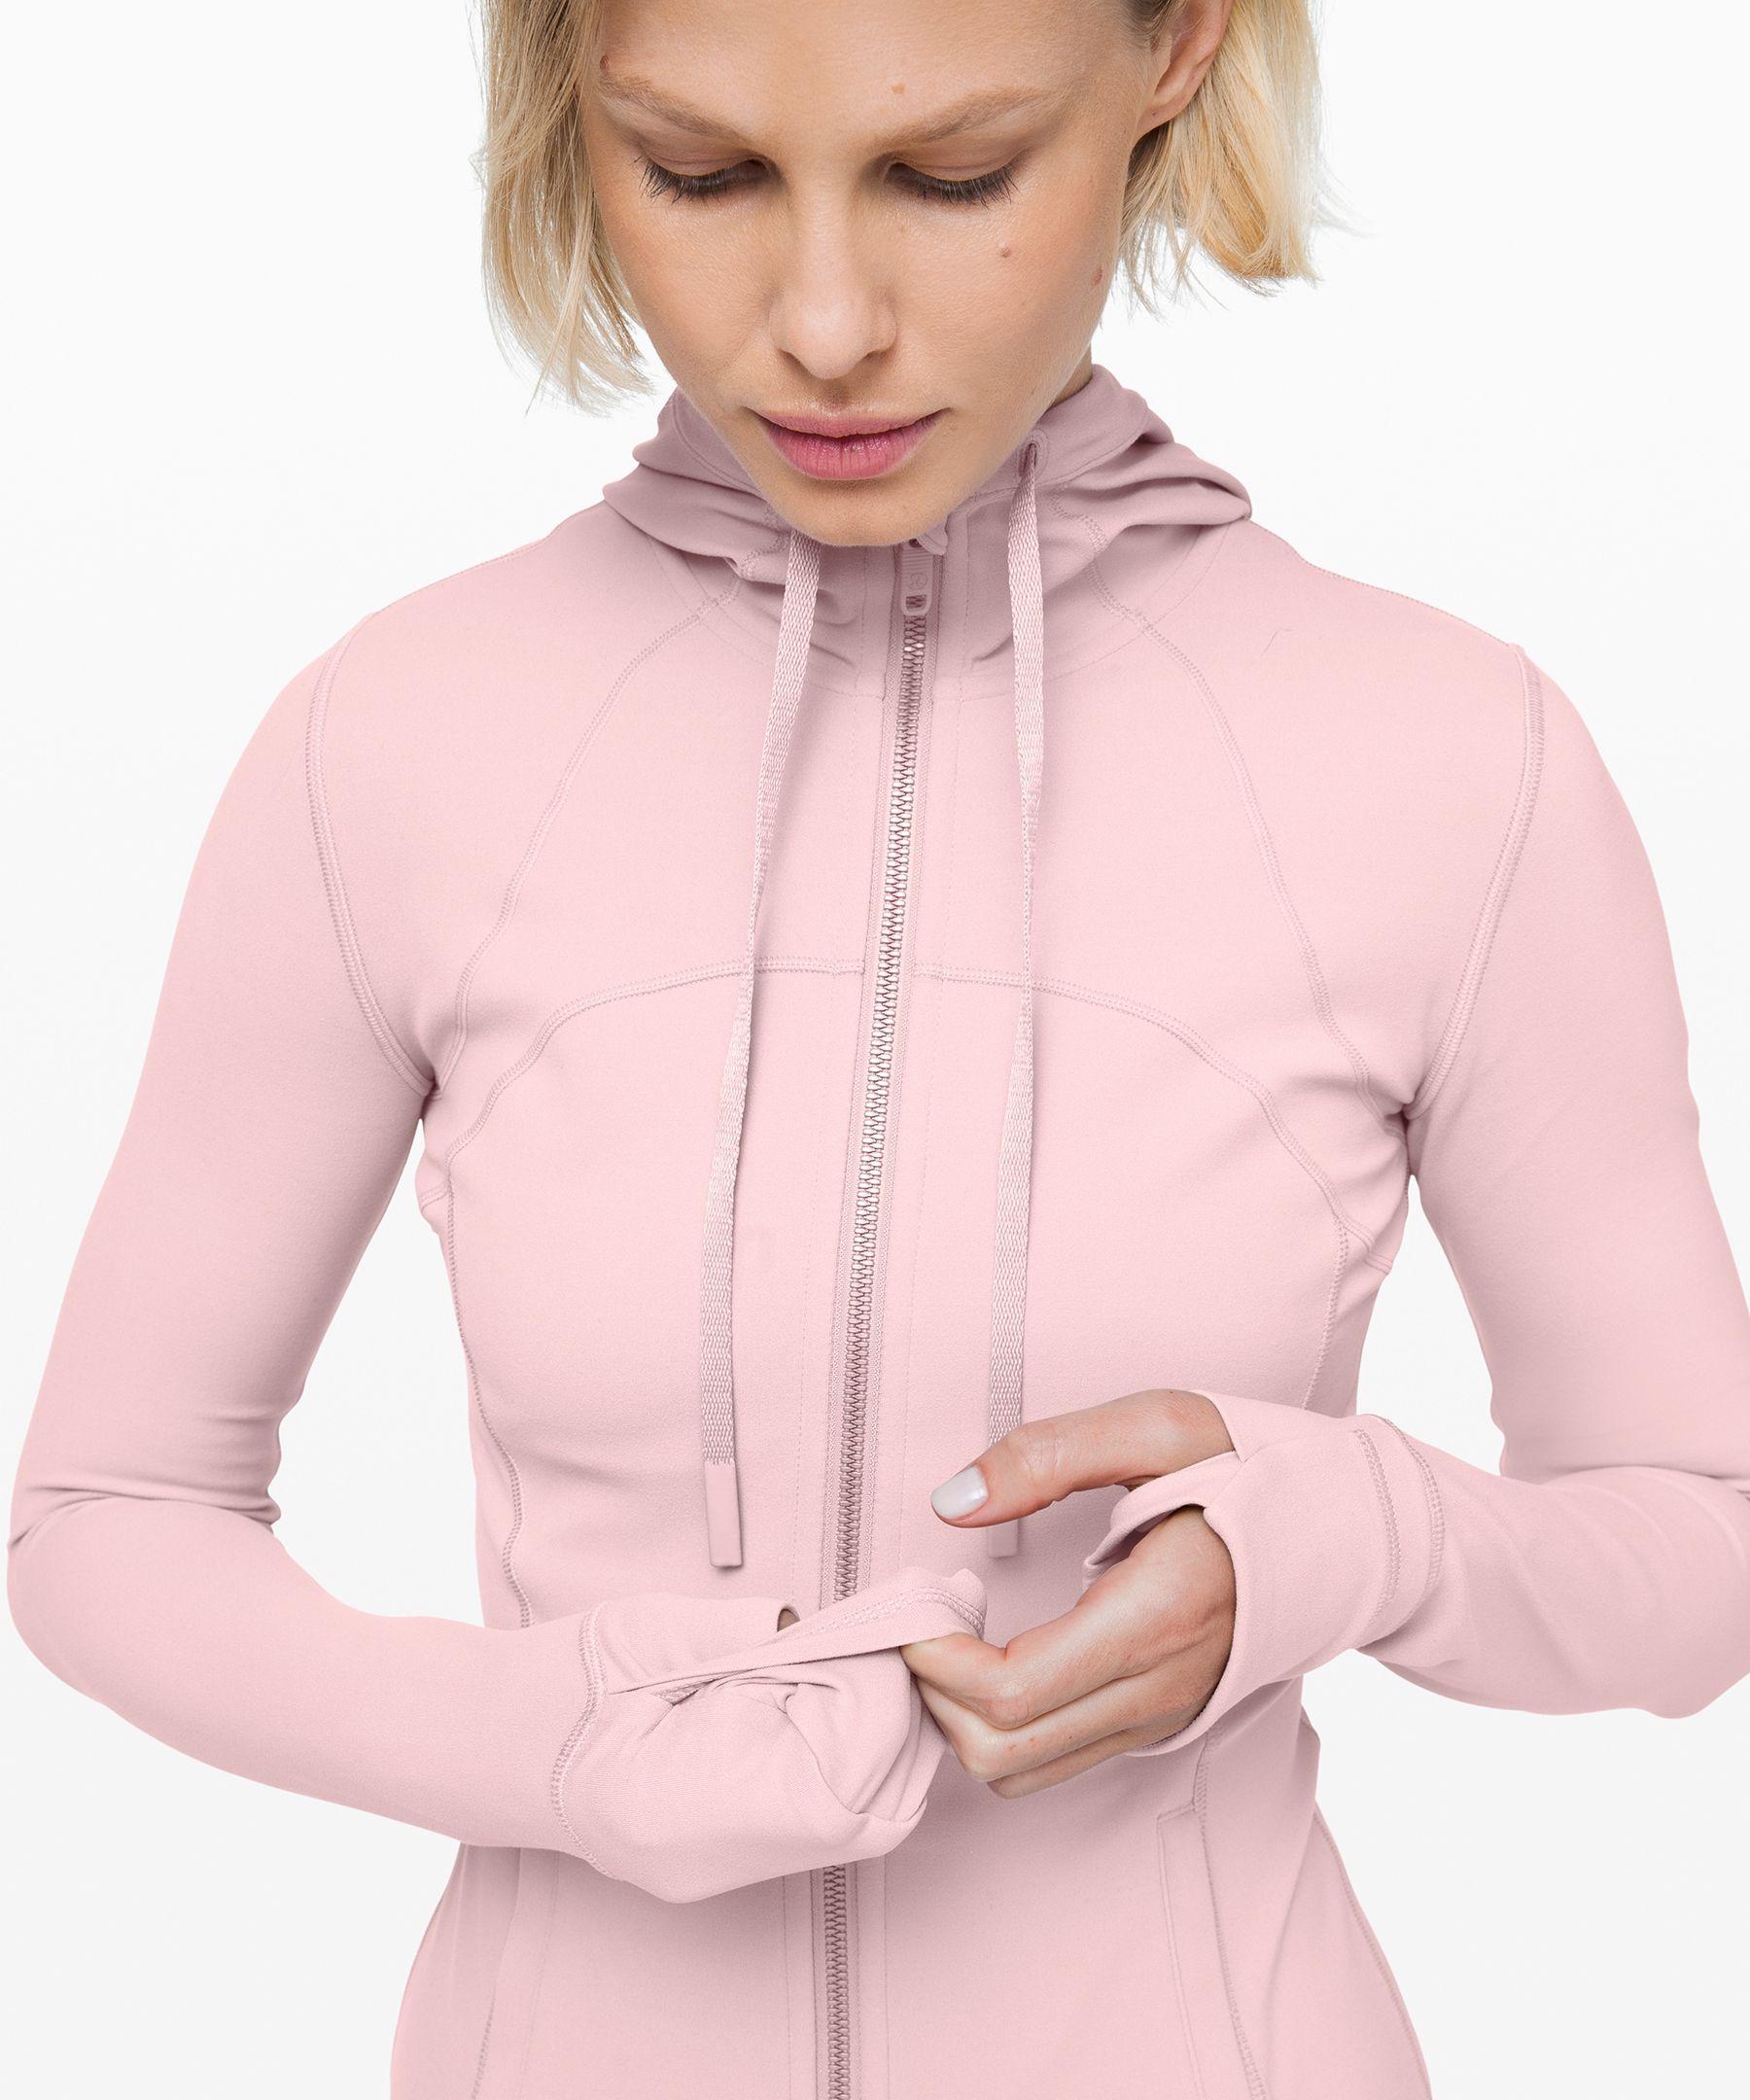 Hooded Define Jacket *Nulu Women's Jackets + Outerwear